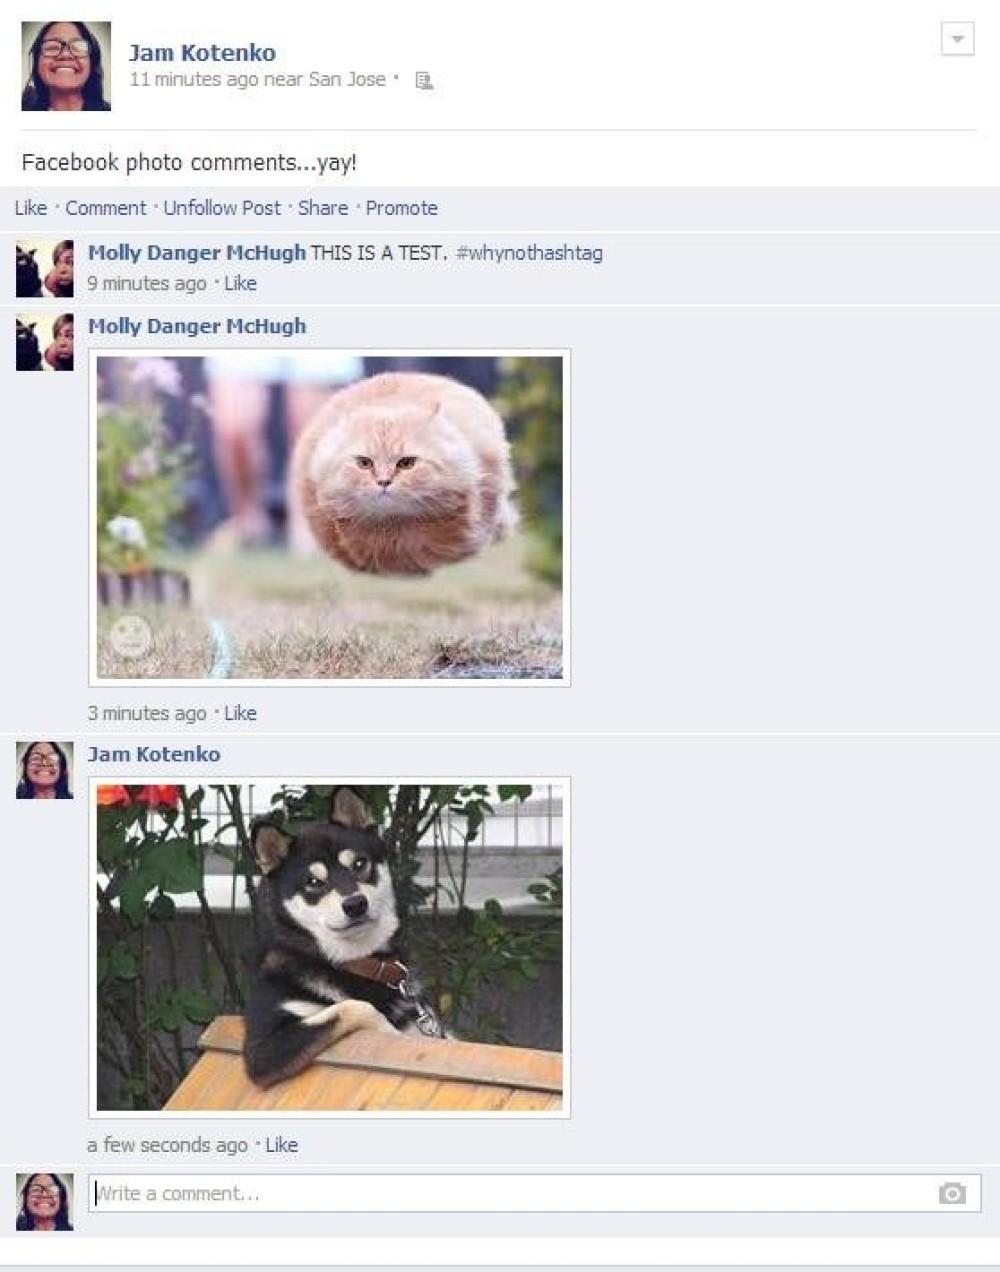 Νέα λειτουργία προσθήκης φωτογραφιών στα σχόλια του Facebook